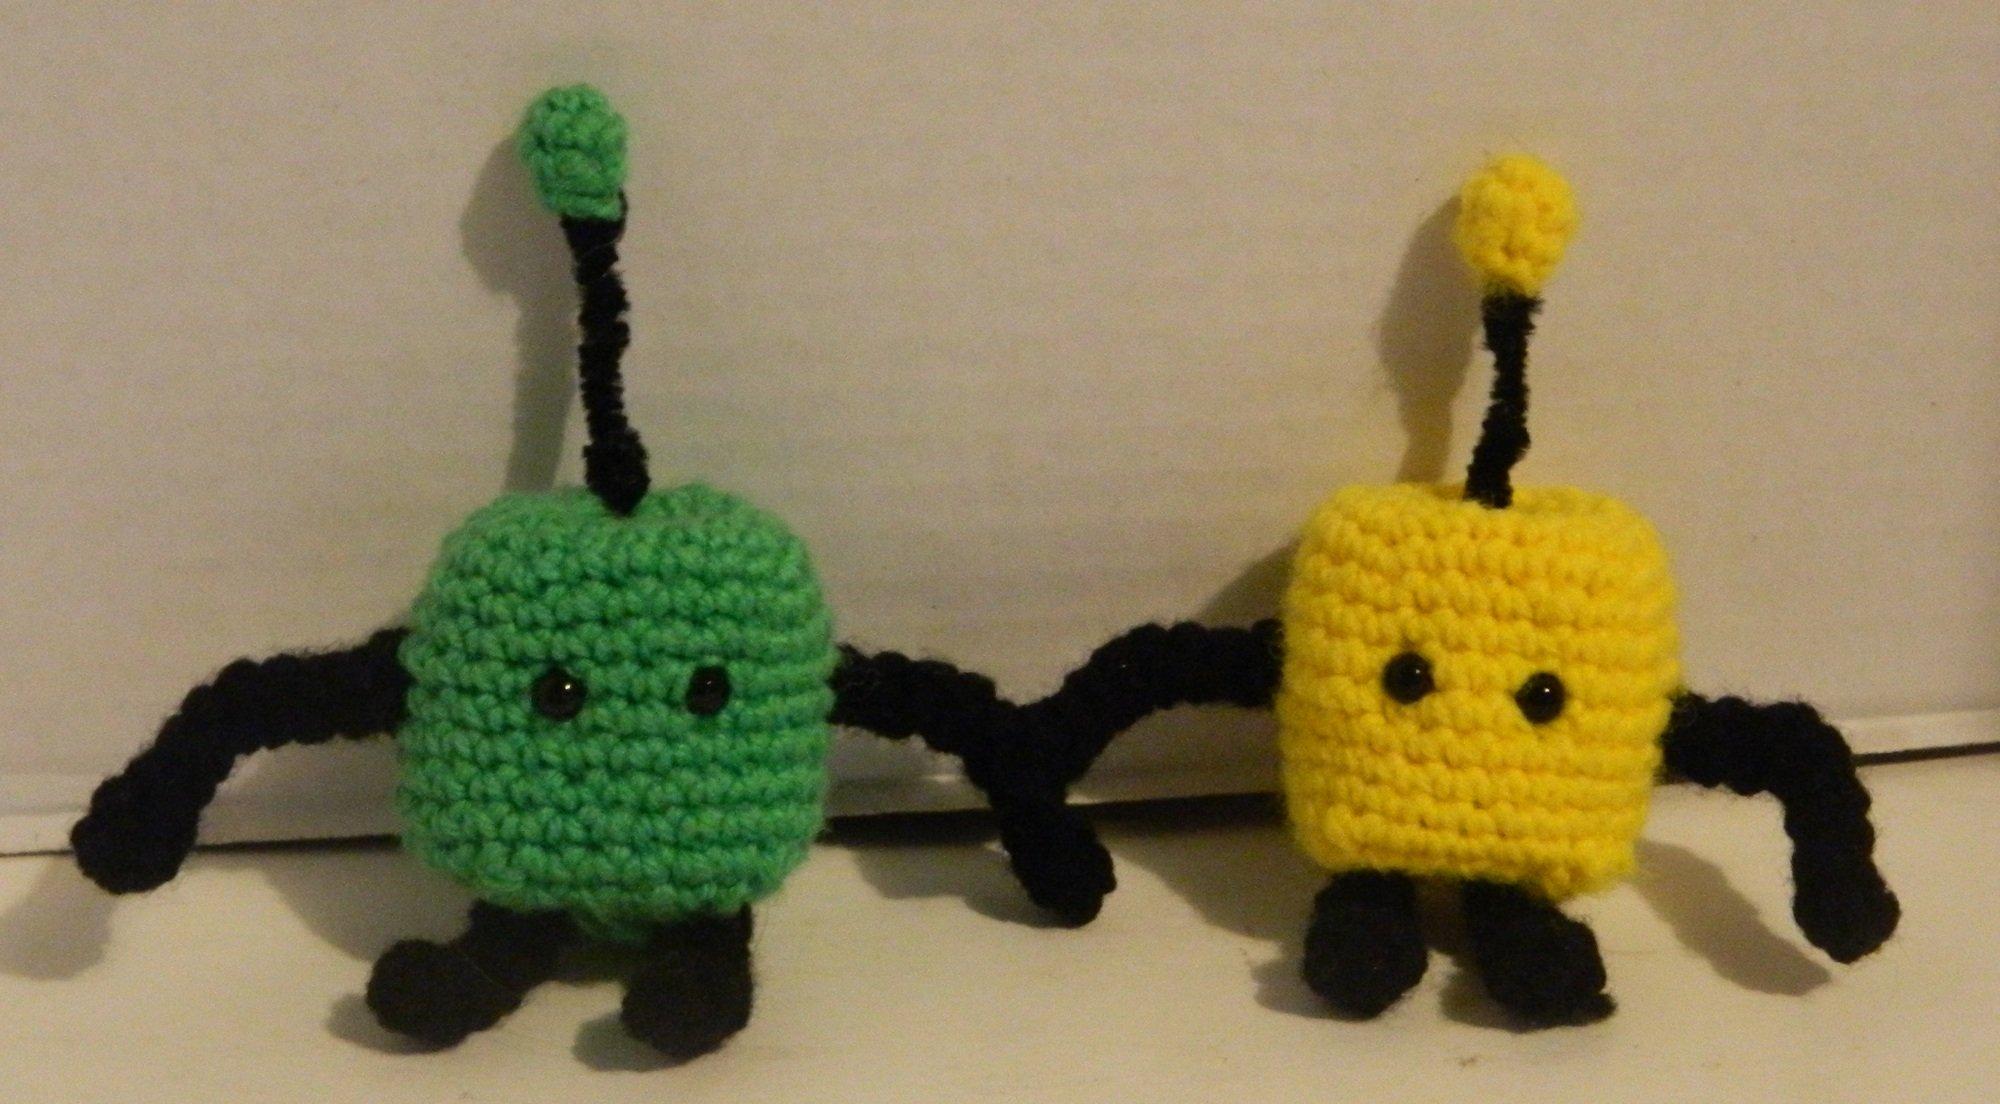 Crochet Junimo Amigurumis